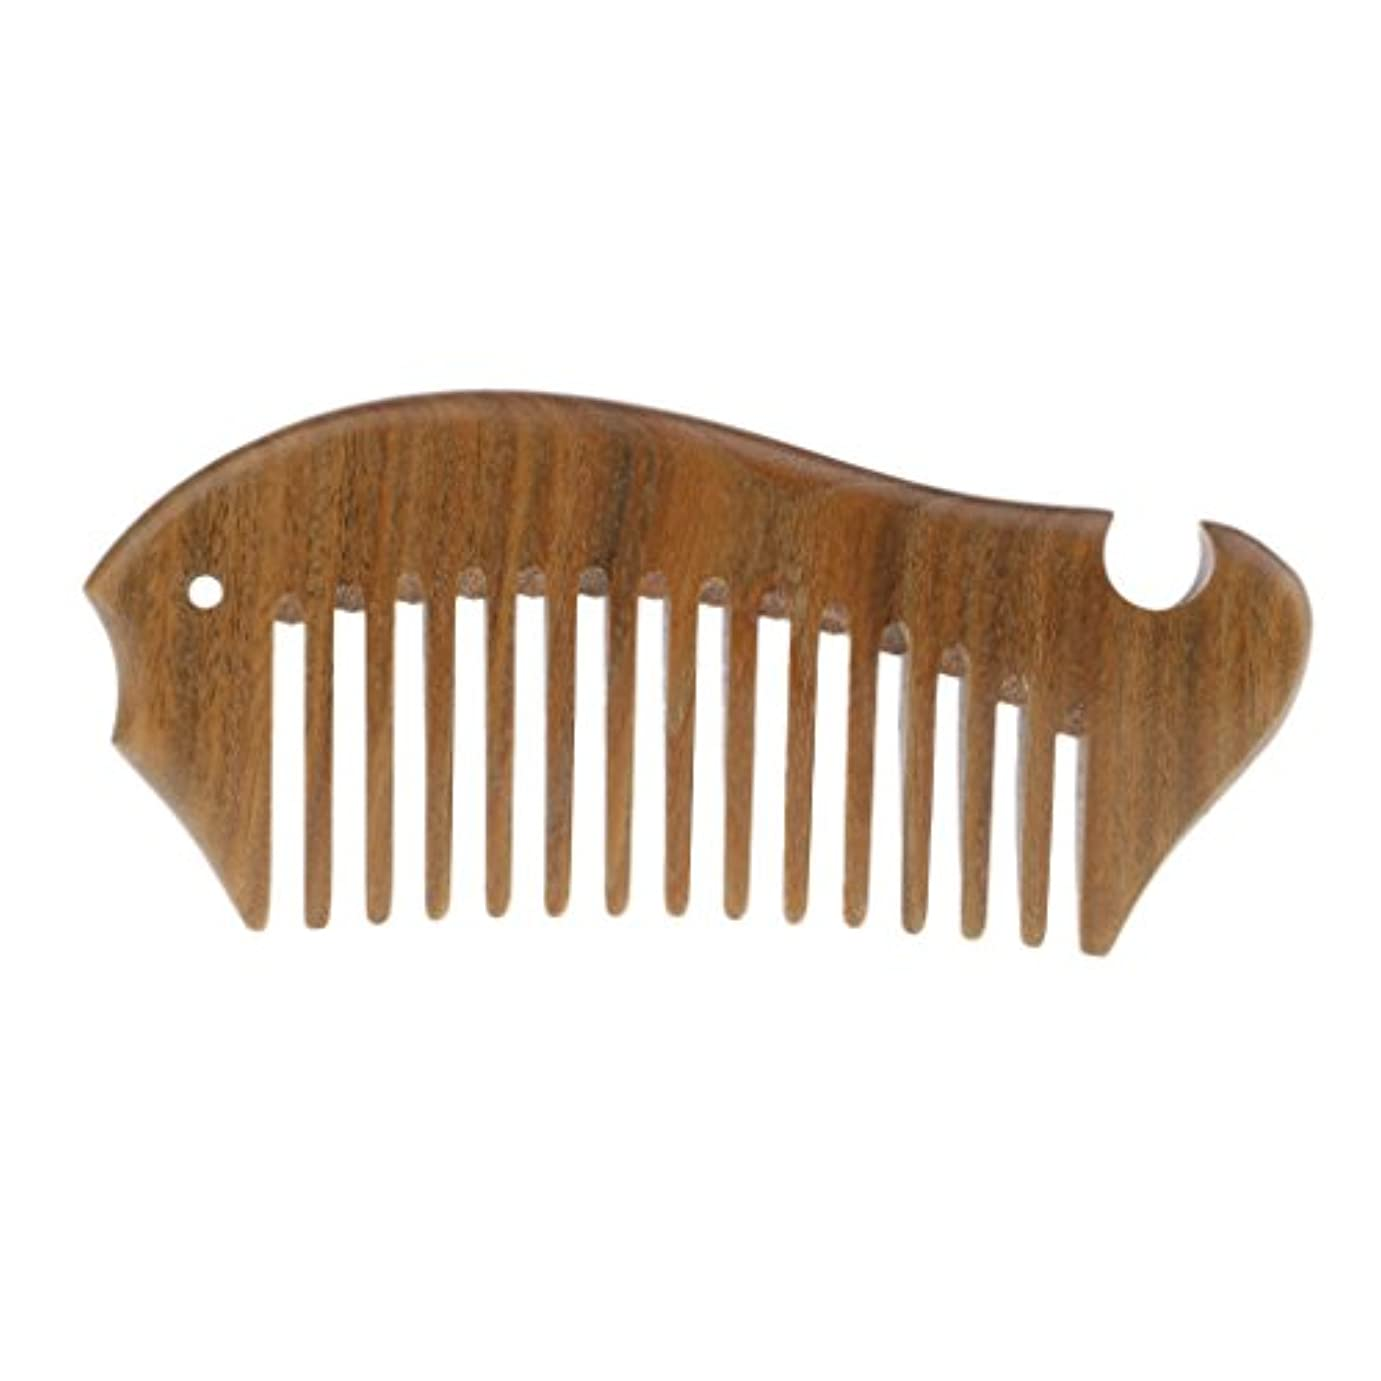 難破船あらゆる種類の争う木製櫛 帯電防止櫛 ヘアコーム 頭皮 ケア マッサージ